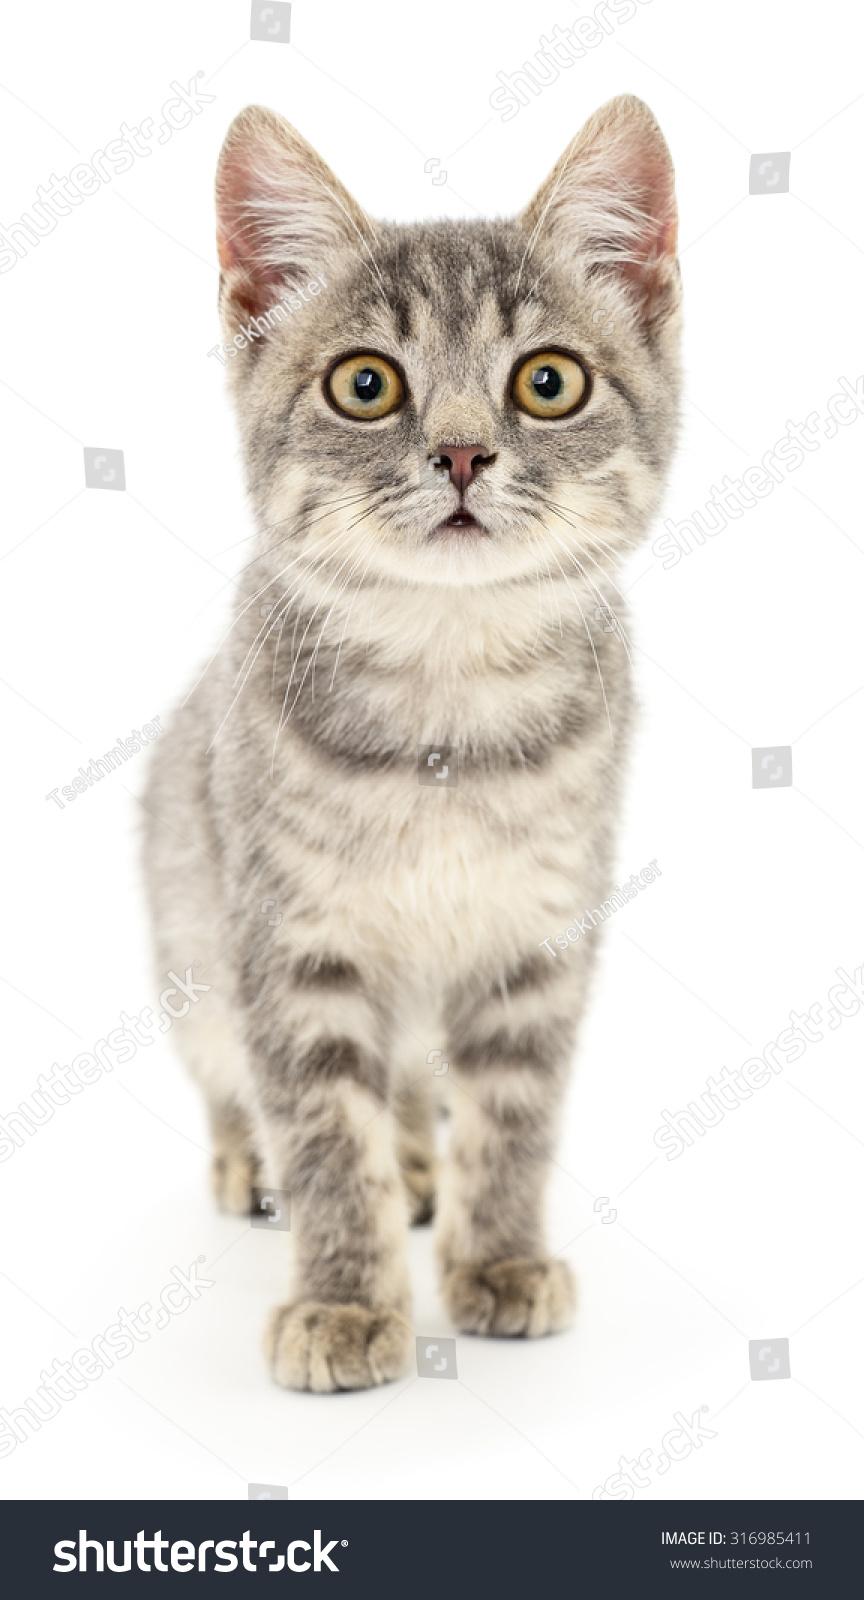 小的白色背景上的灰色的小猫-动物/野生生物,自然-()